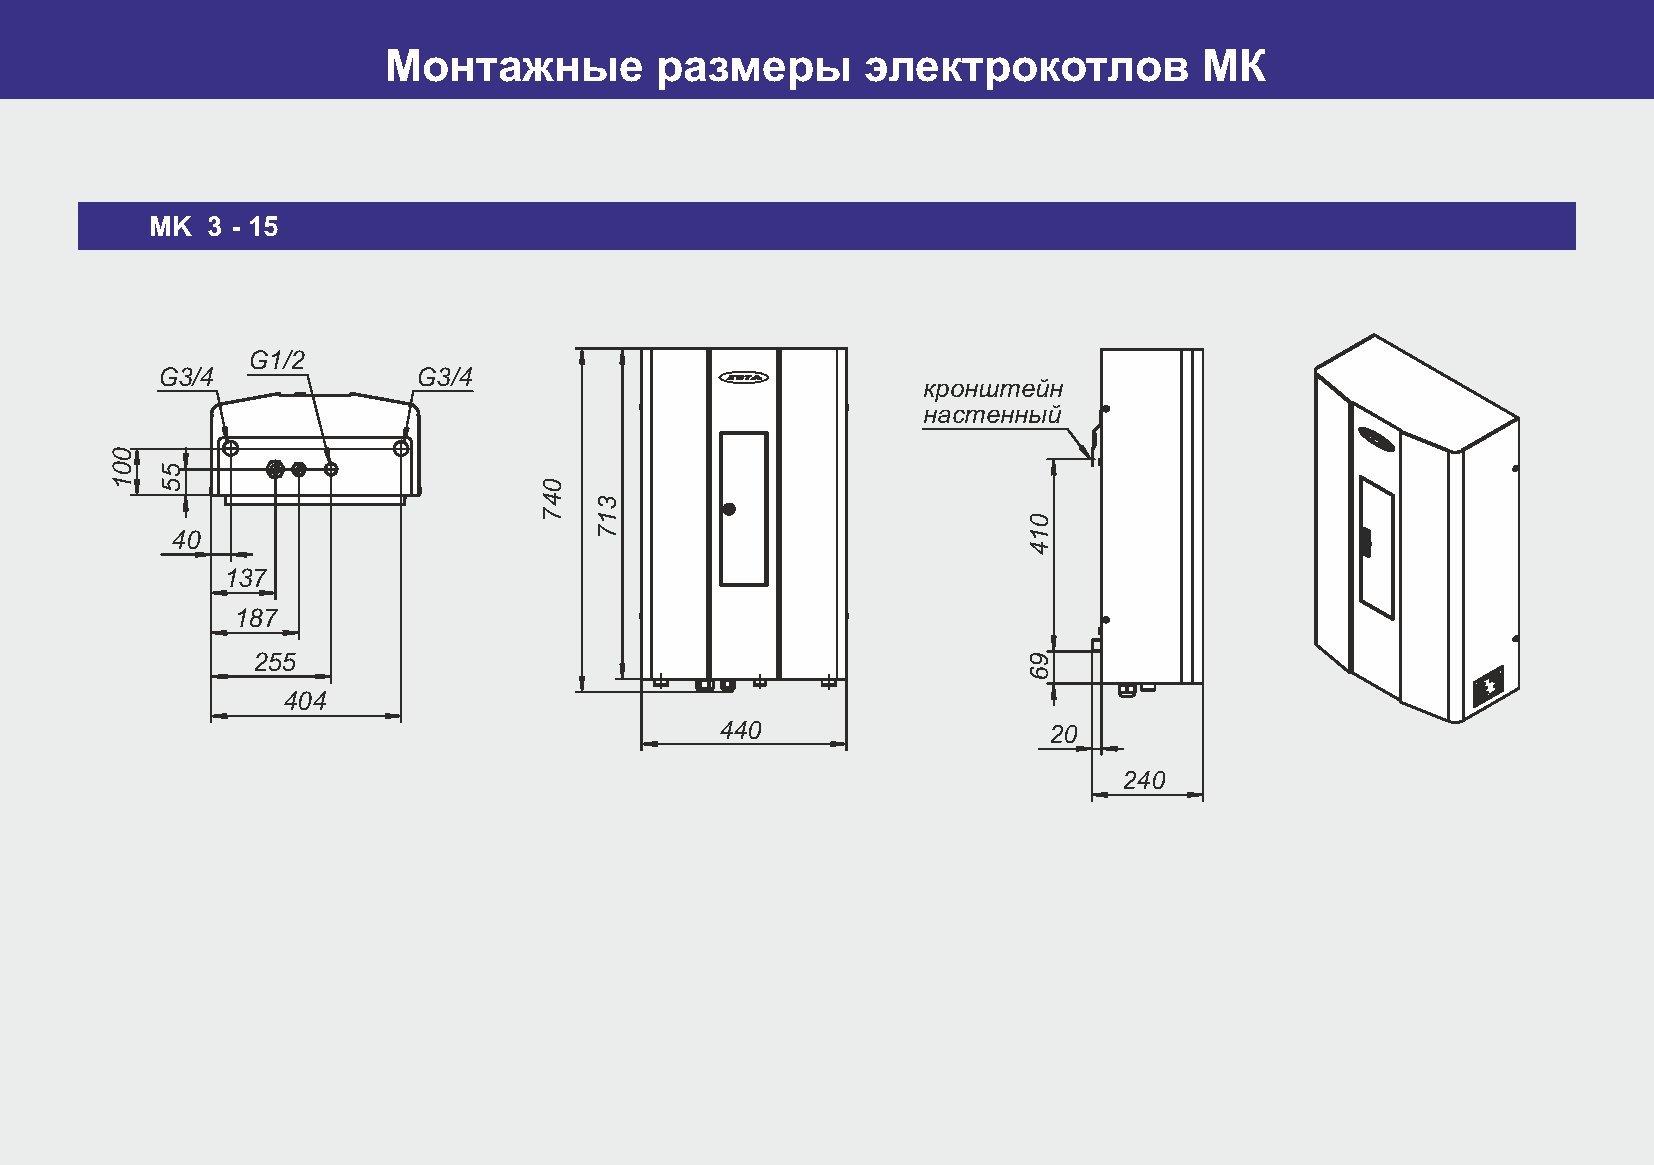 Электрокотел Зота МК 3-15 монтажные размеры